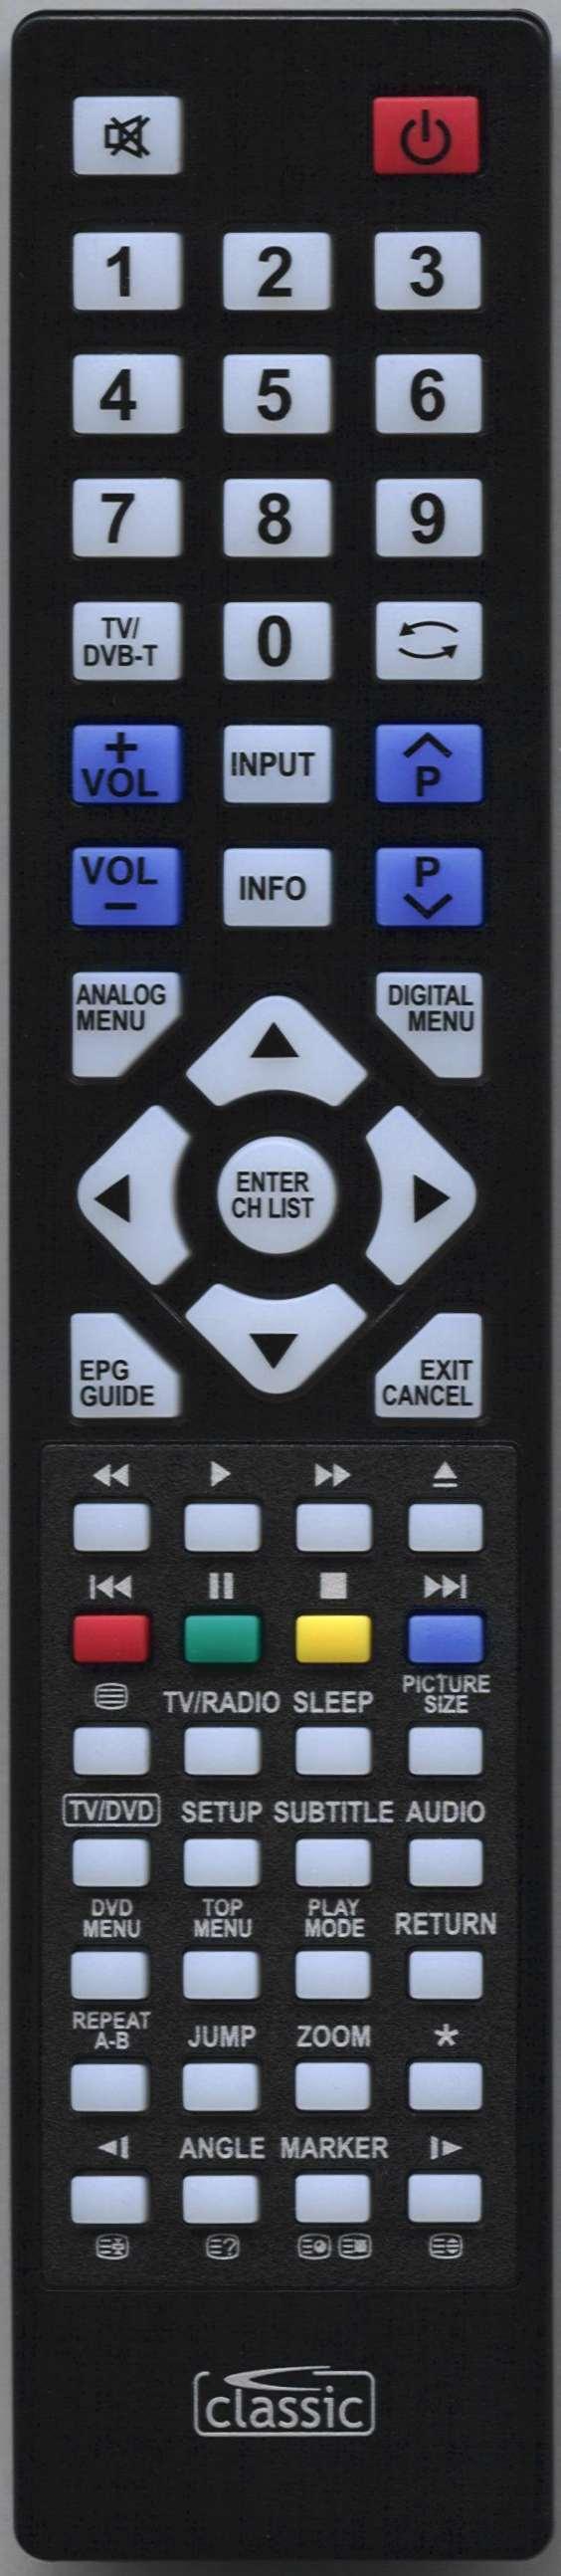 ORION 076R0PK011 Remote Control Alternative